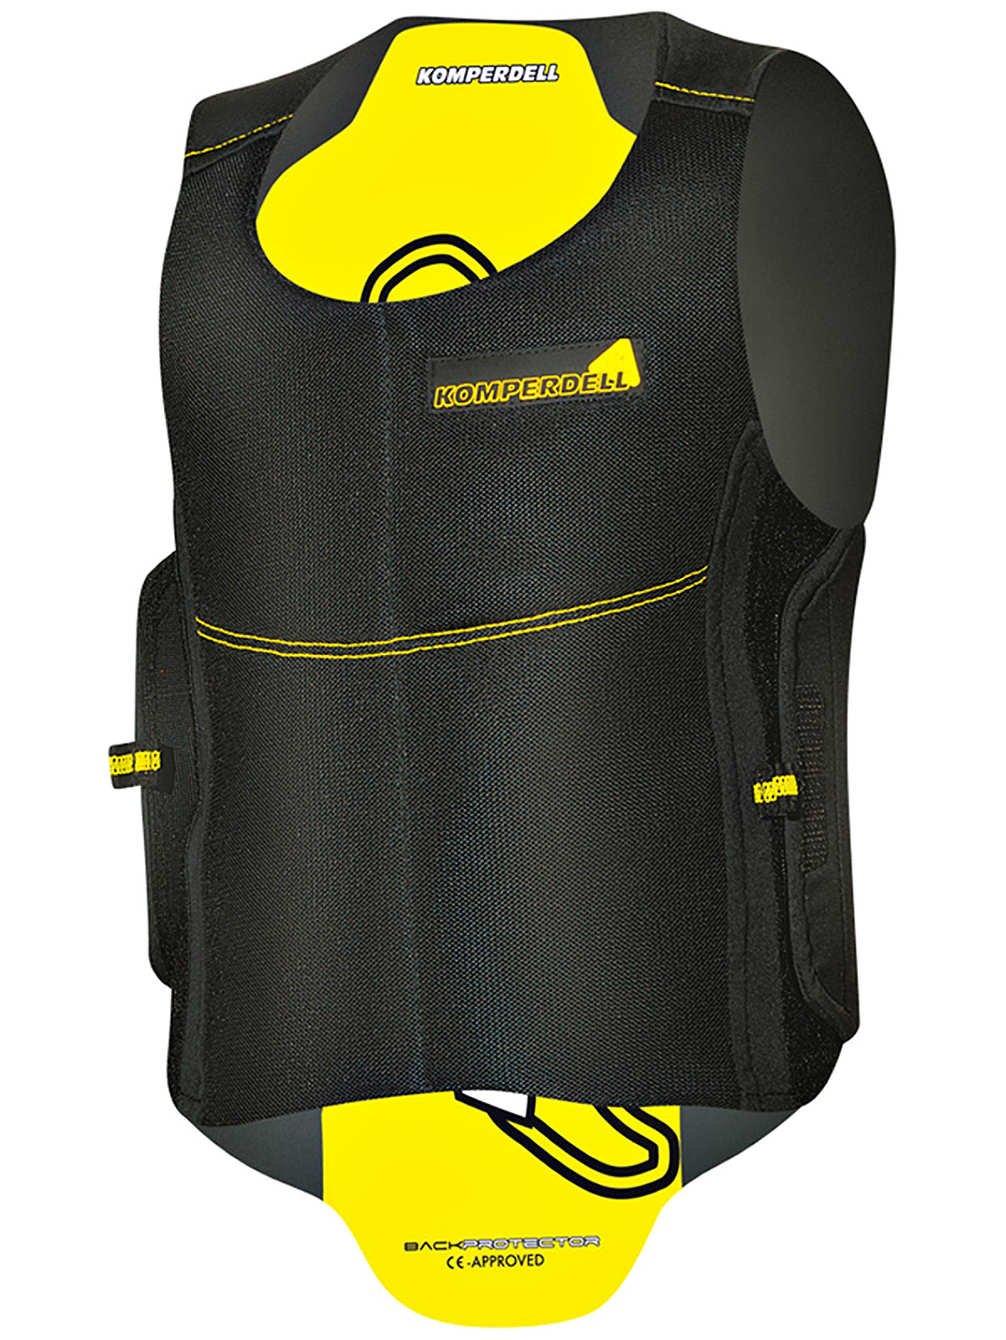 Komperdell Kinder Protektor Ballistic Protector Vest Junior